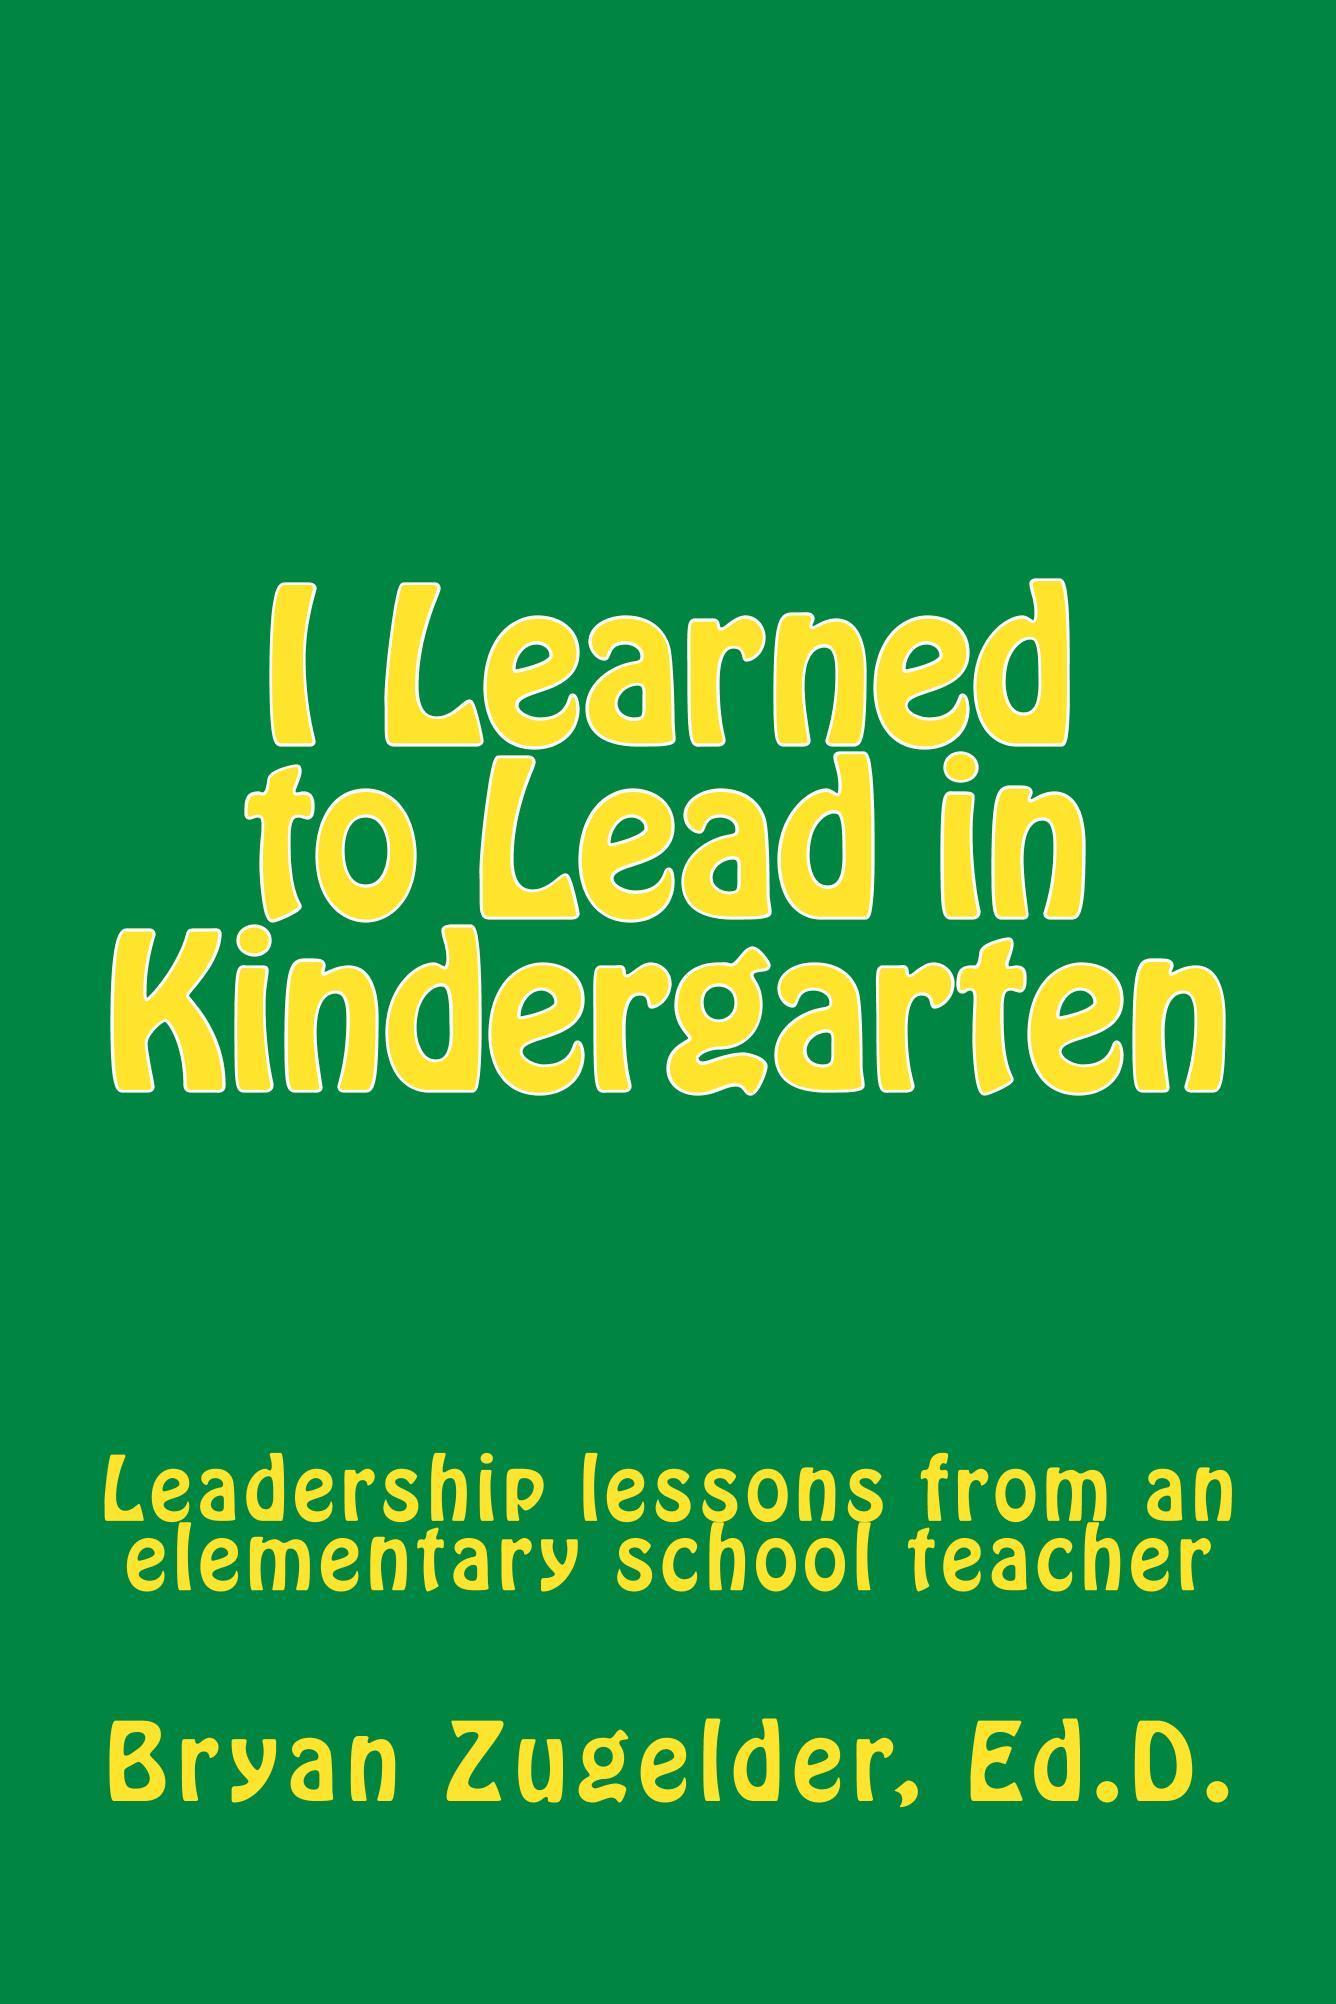 I Learned to Lead in Kindergarten: Leadership lessons from an elementary school teacher  by  Bryan Zugelder